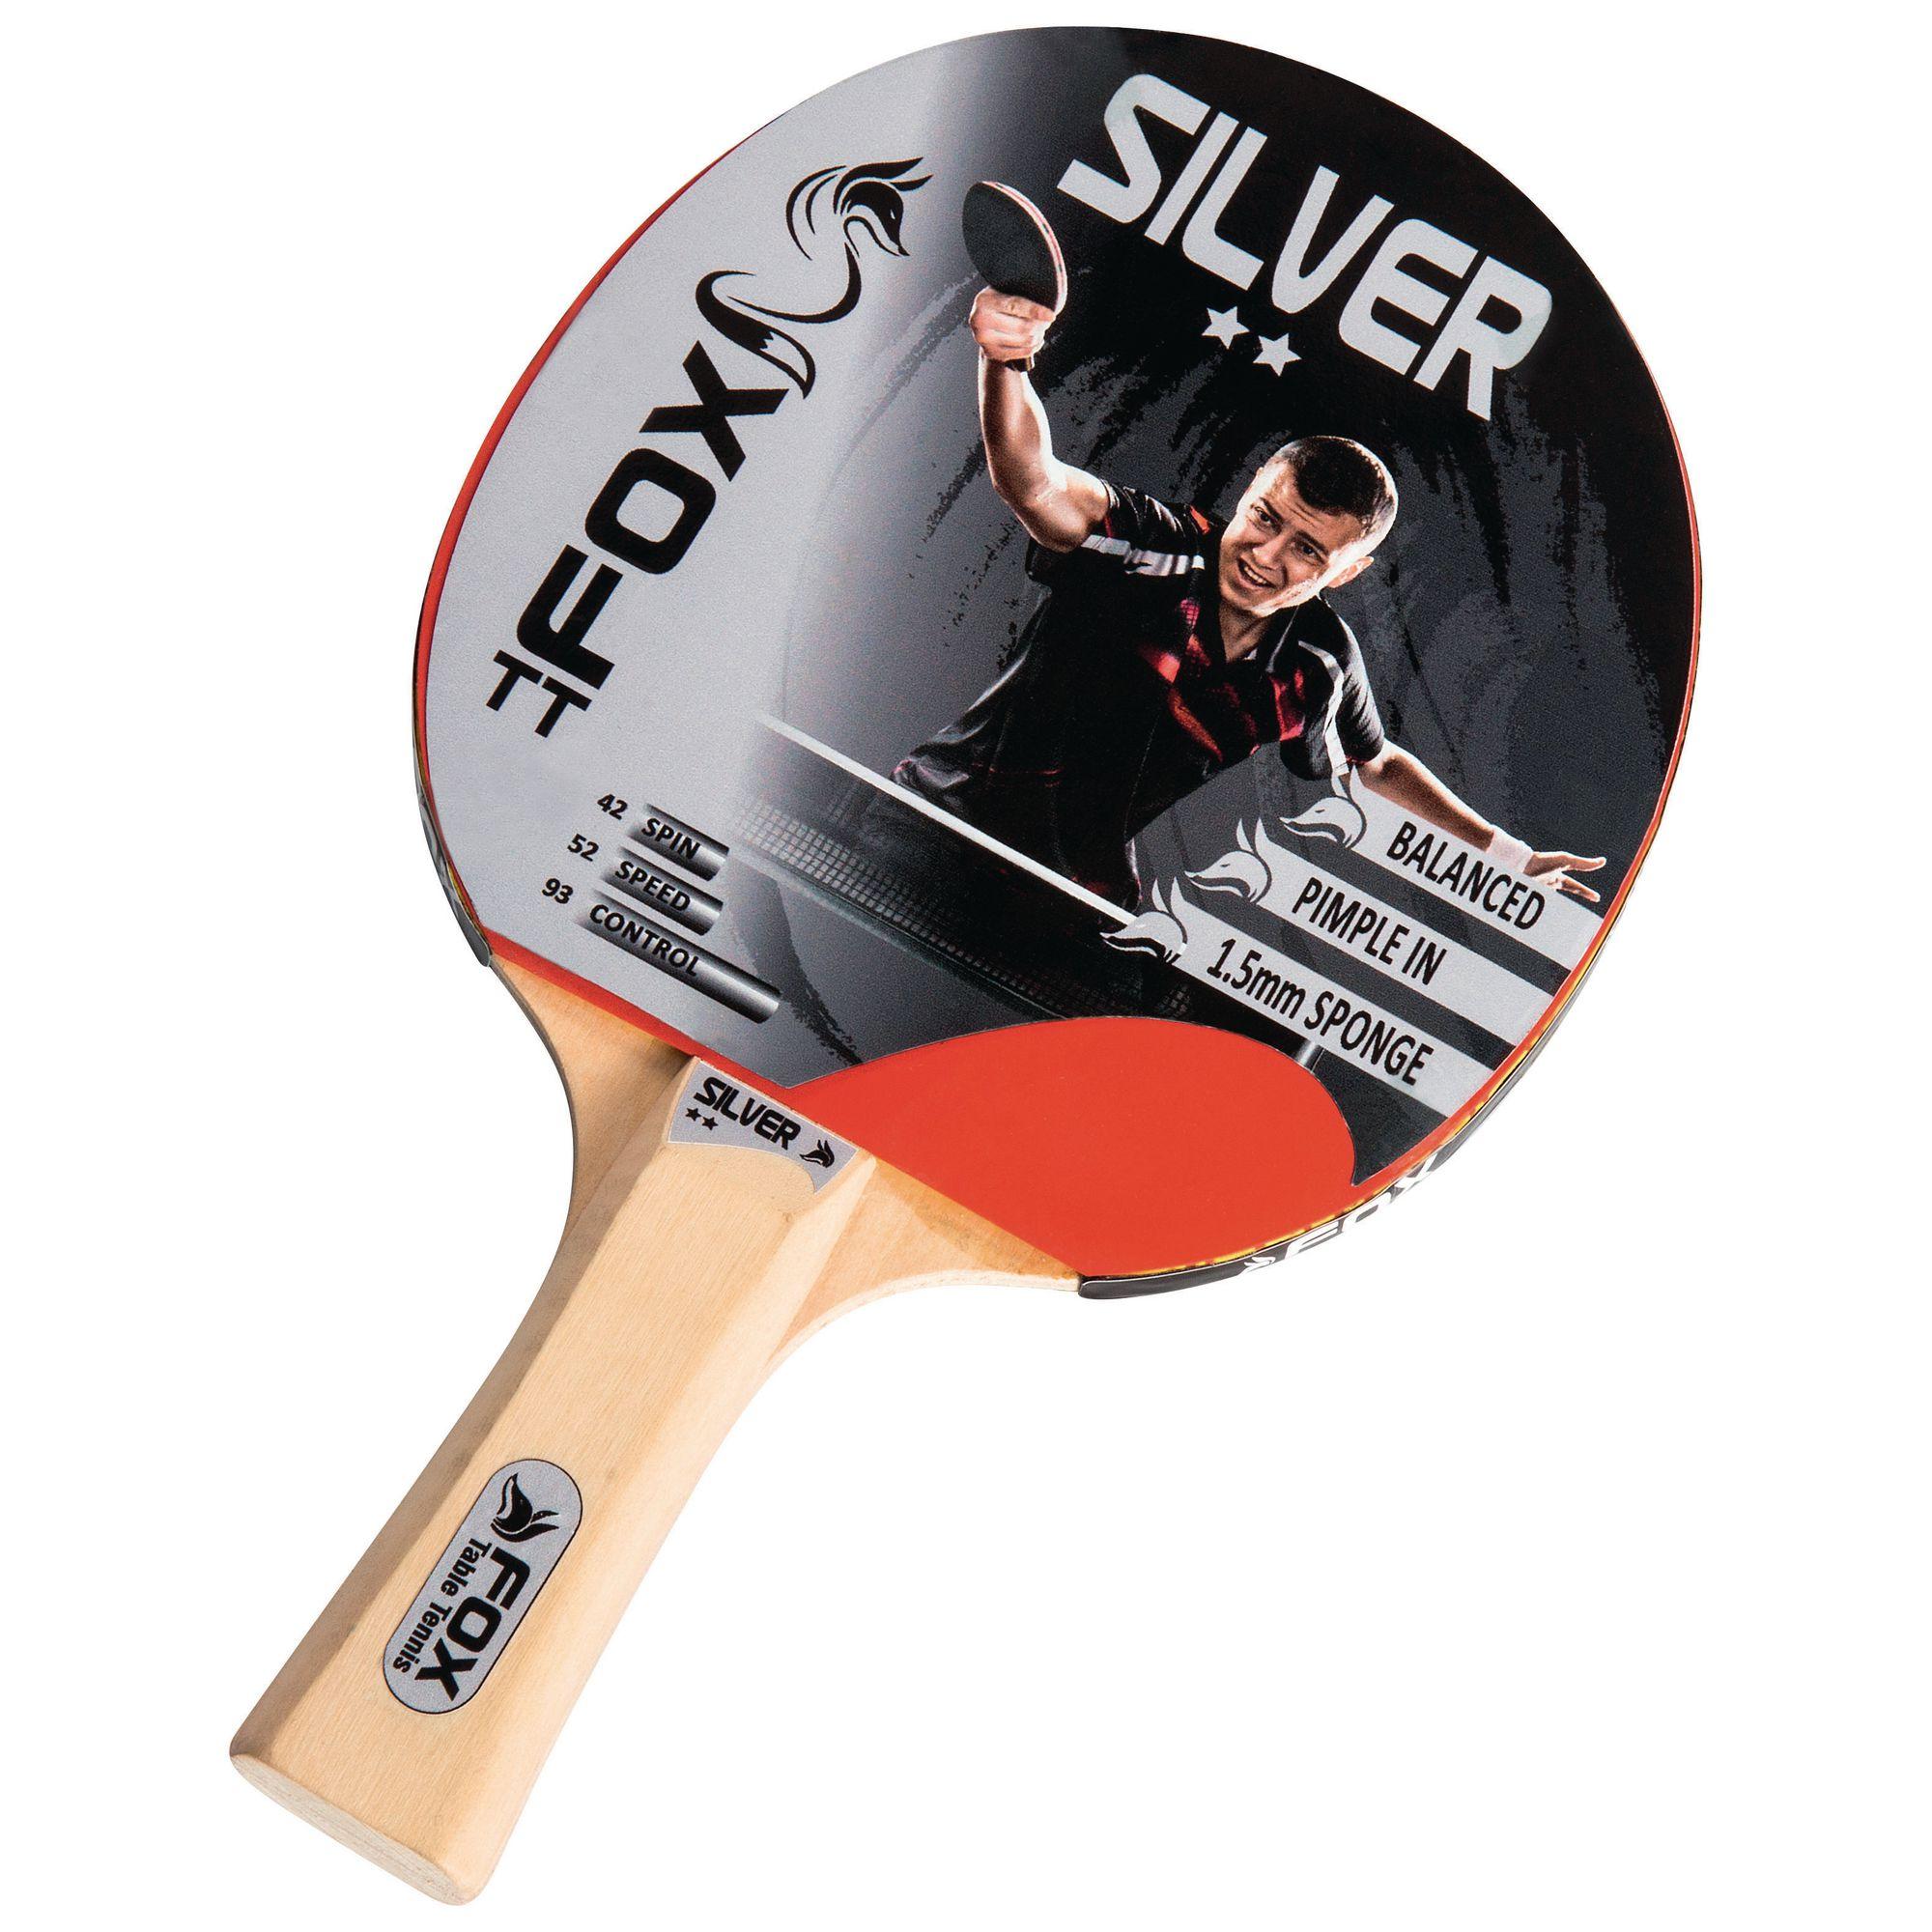 Fox Silver 2 Star Table Tennis Bat